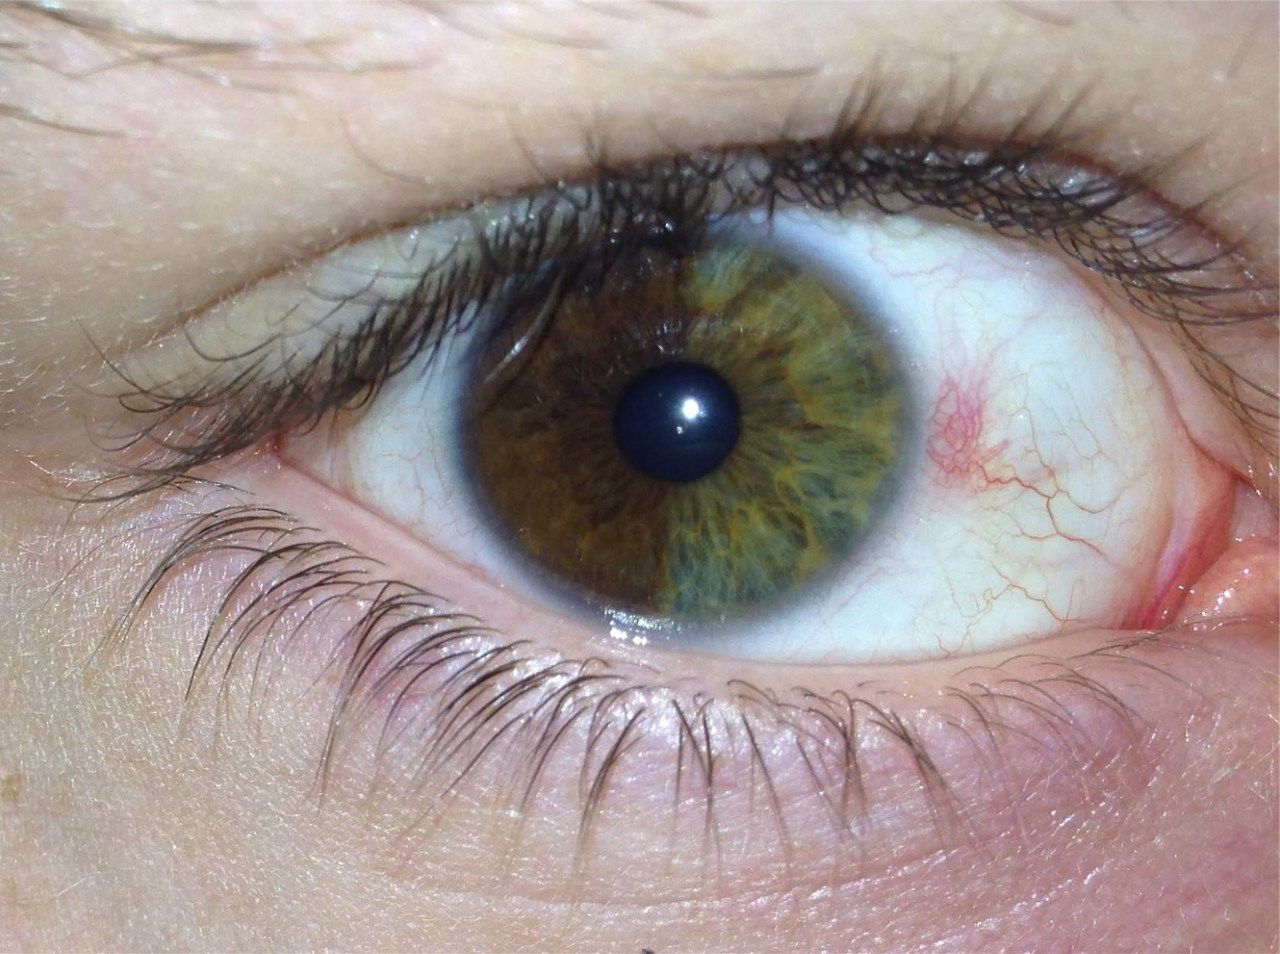 Невус хориоидеи глаза: симптомы, причины, лечение, что это такое и каков прогноз, виды (пигментный, прогрессирующий, атипичный), удаление